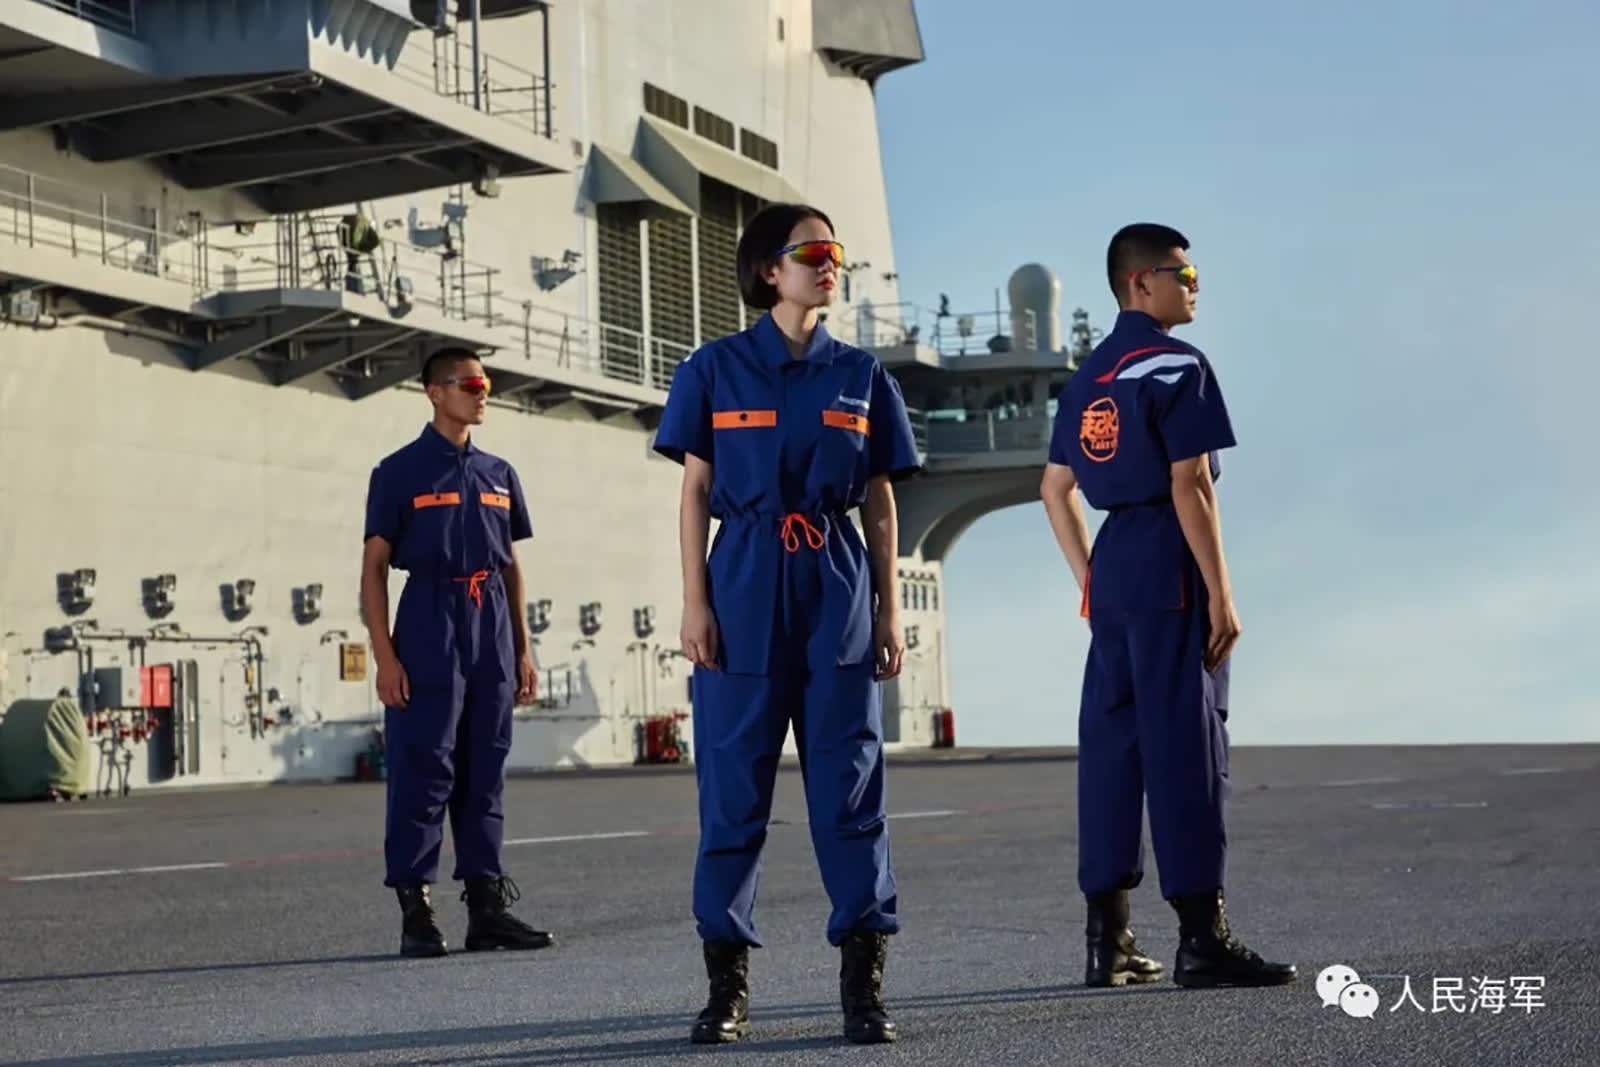 دببة باندا روبوتية وسراويل قصيرة.. الجيش الصيني يطلق خط ملابس لحاملة طائرات